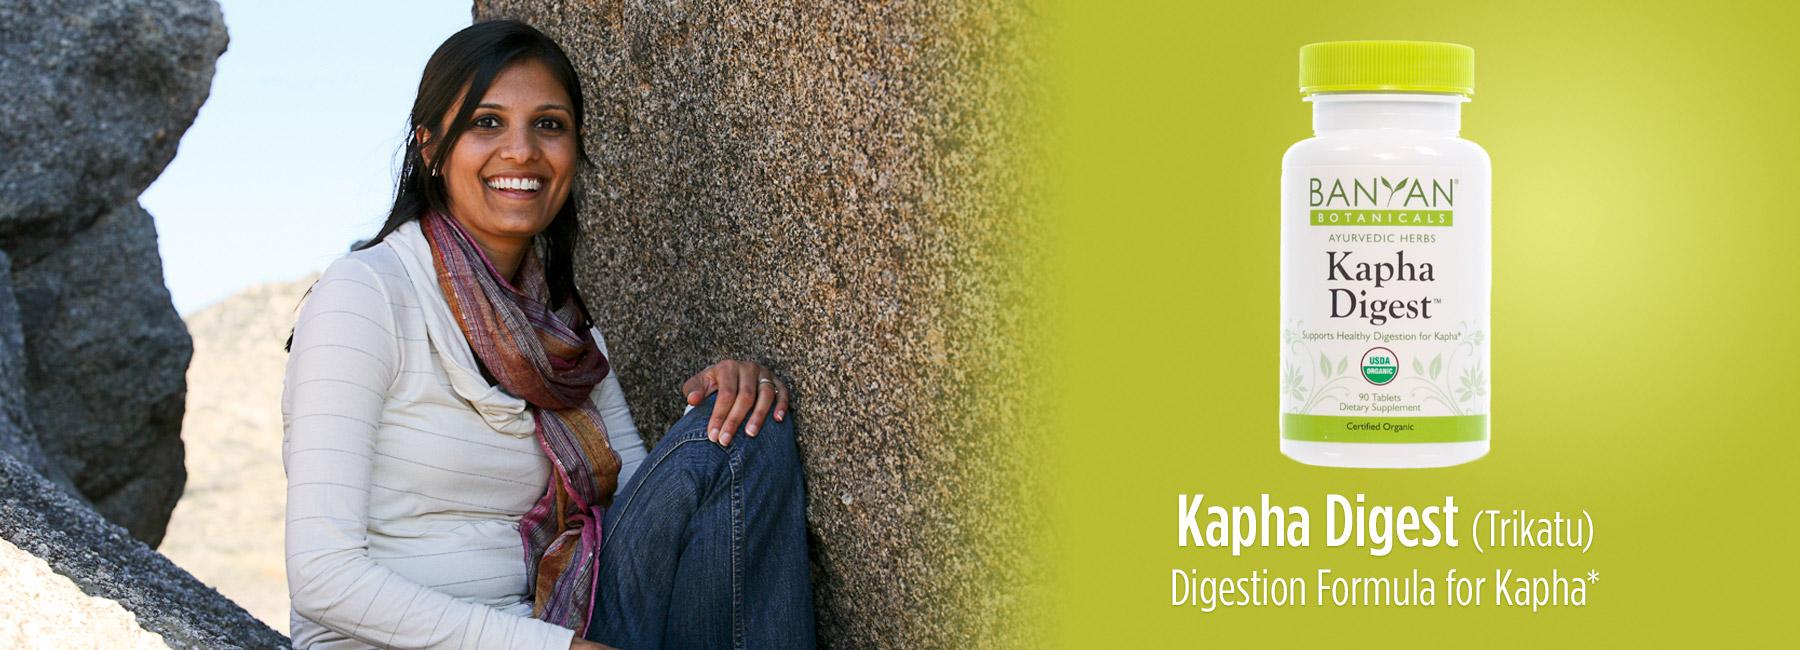 Trikatu/Kapha Digest